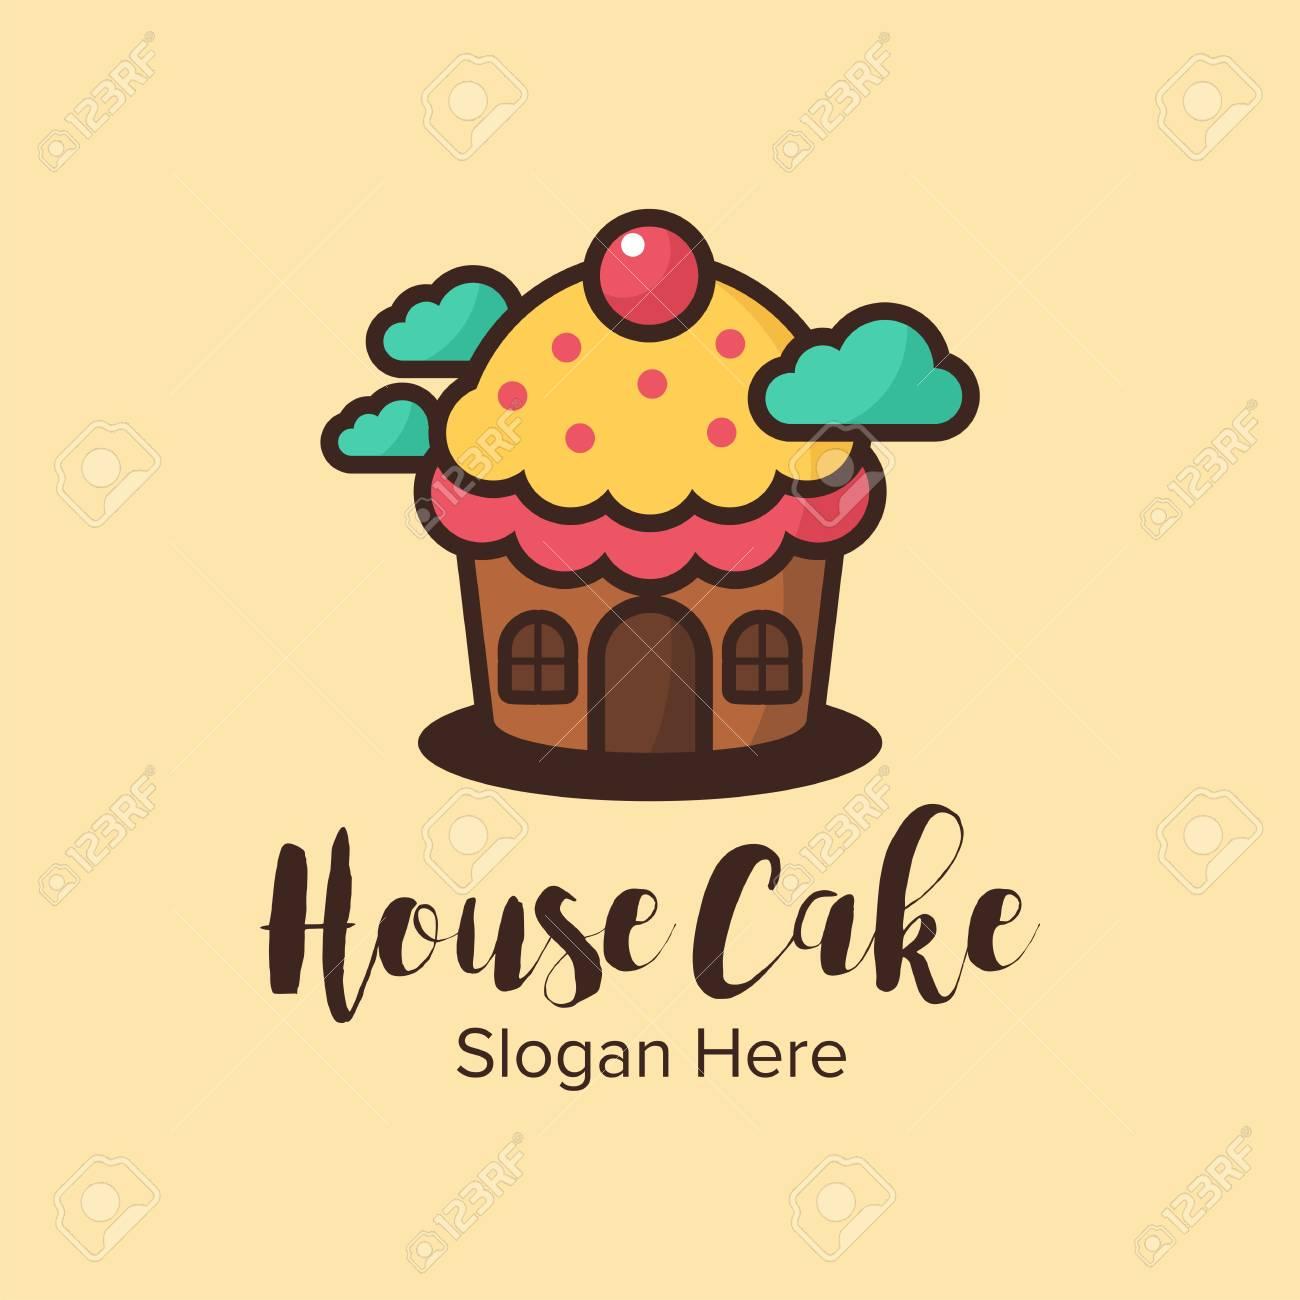 House Cake Logo Design Illustration Good For Logo On A Plain